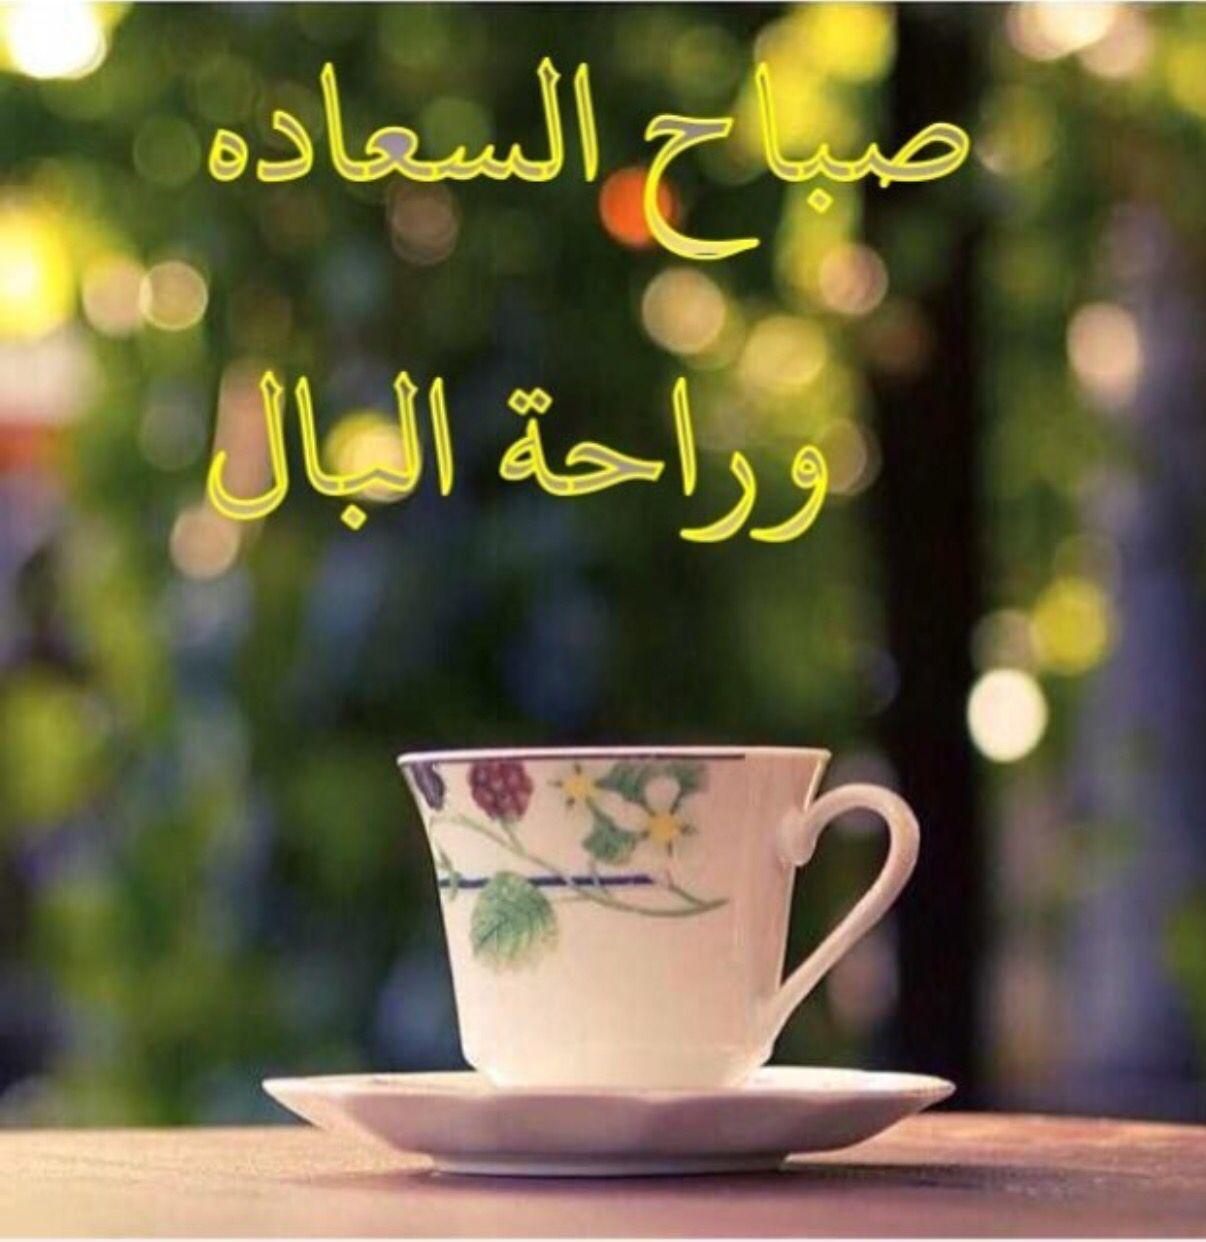 صباح السعادة وراحة البال Morning Greeting Good Morning Greetings Morning Wish